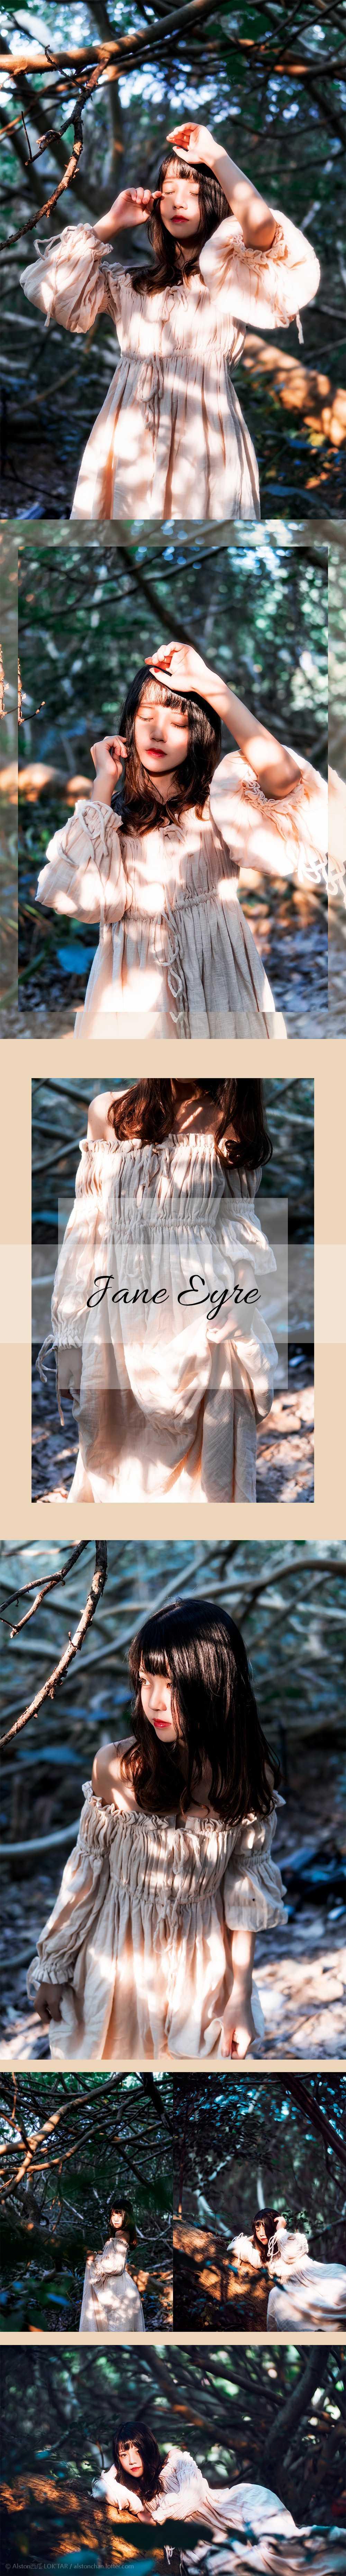 免费⭐微博红人⭐桜桃喵@写真cos-Jane Eyre(桜桃喵)插图3